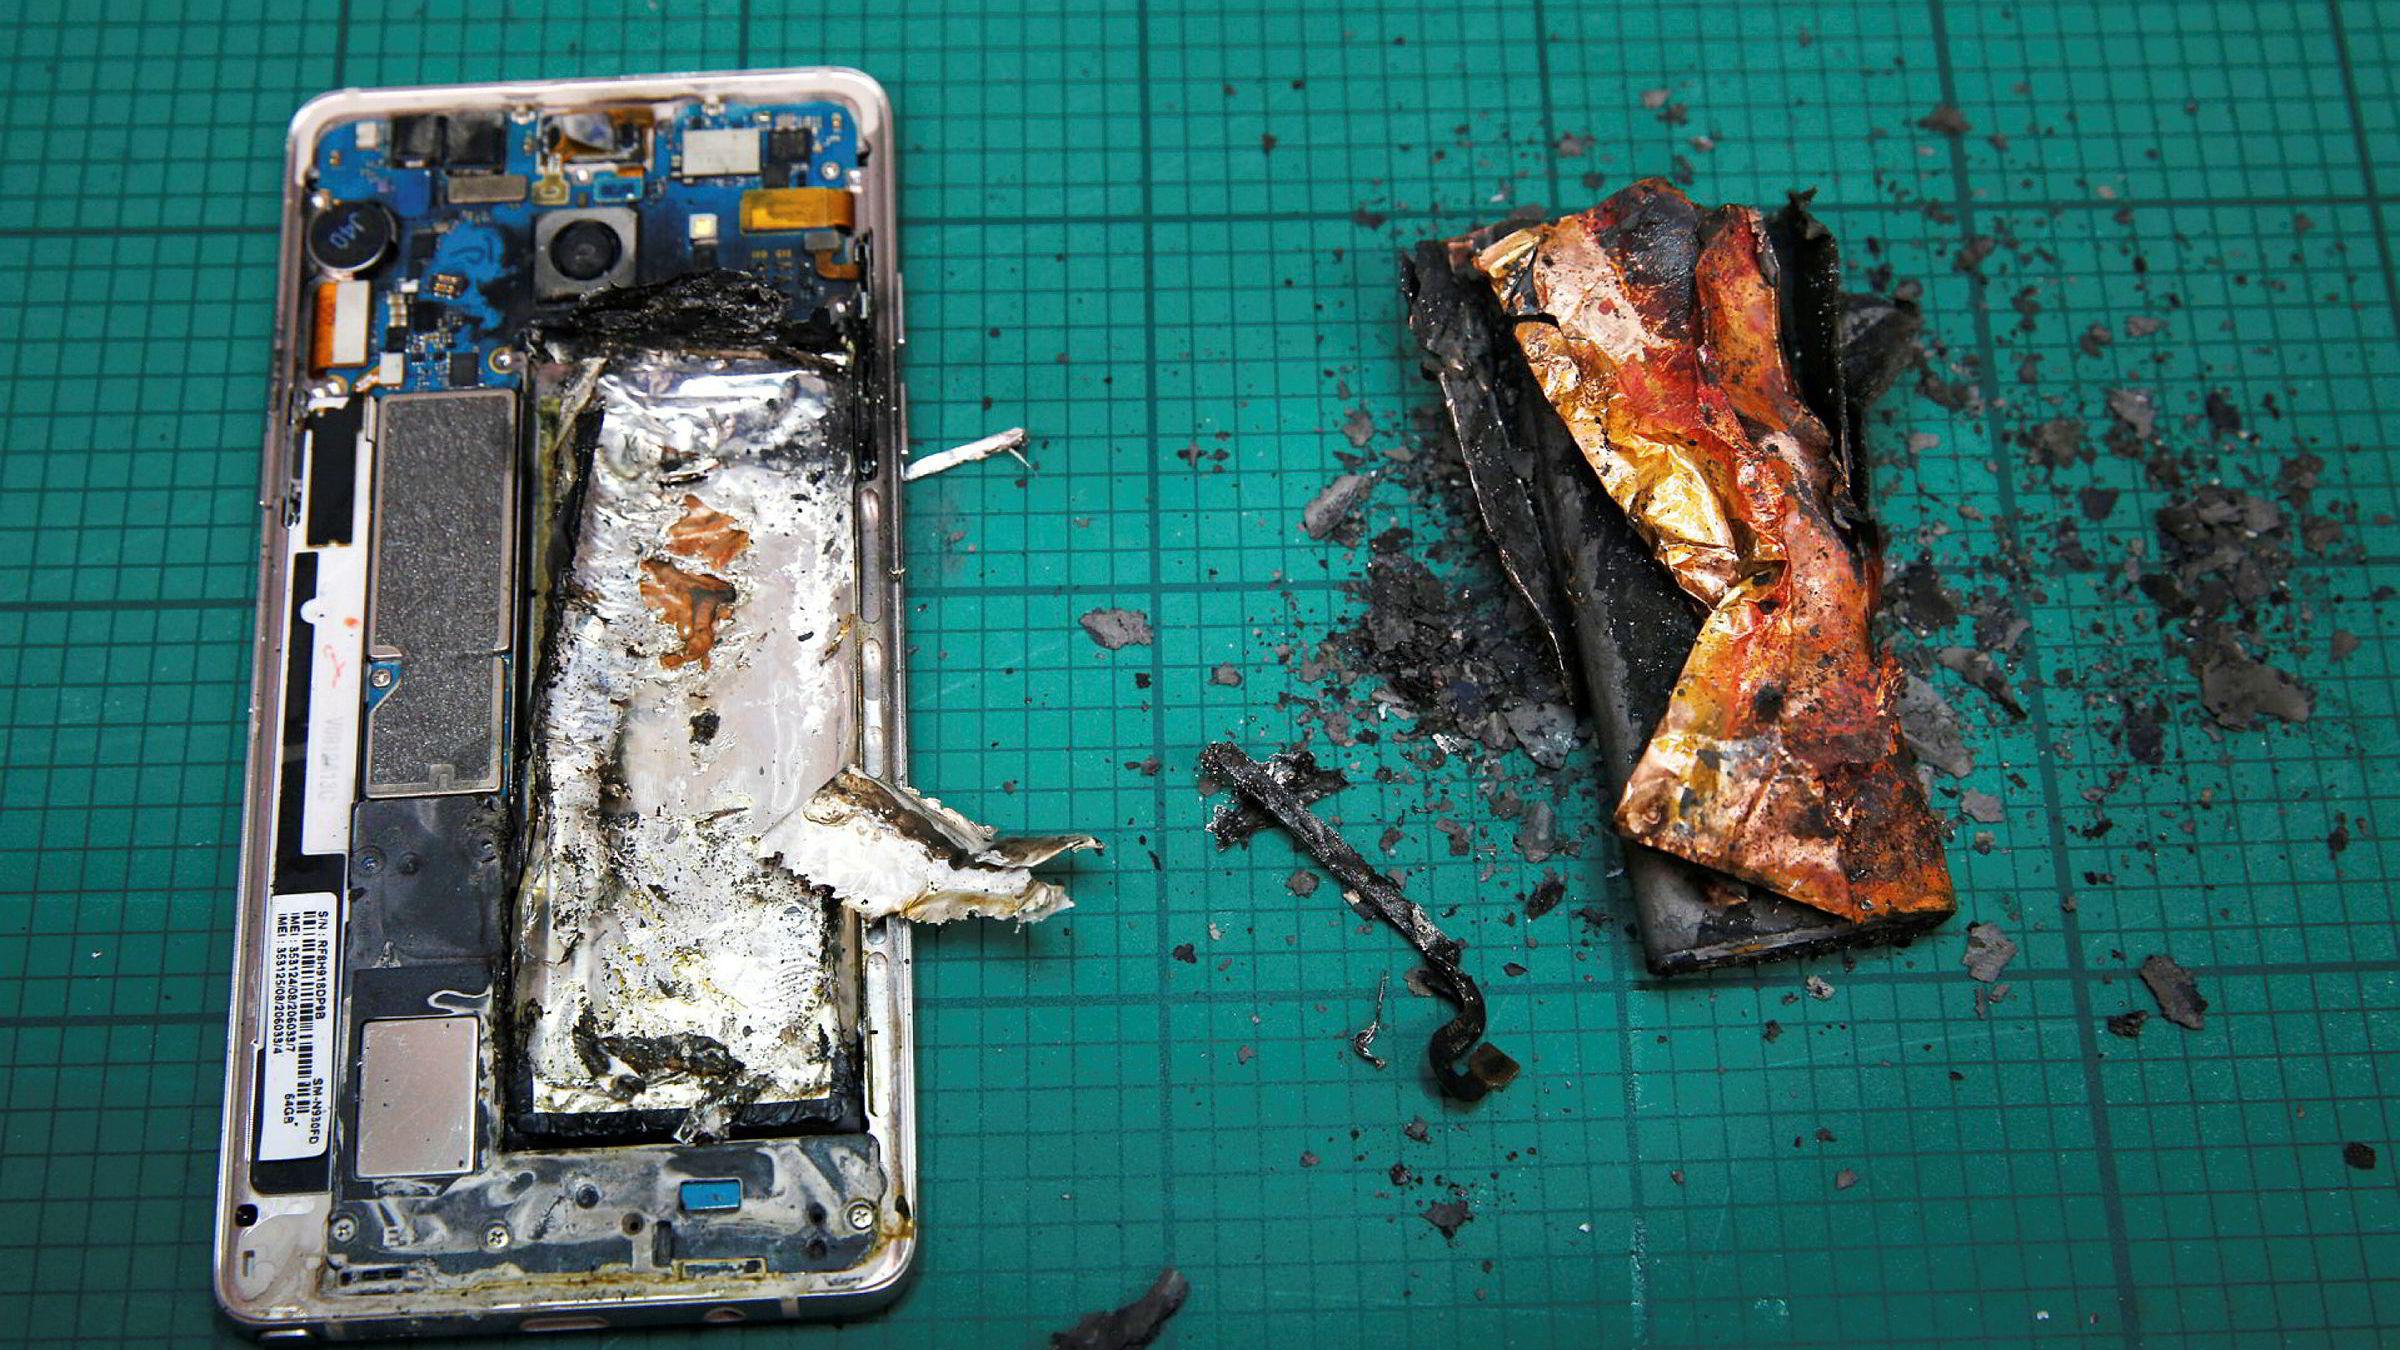 I 2016 innførte flyselskaper over hele verden forbud mot å ta med Samsungs Galaxy Note 7 om bord på fly på grunn av eksplosjonsfare. Samsung håndterte krisen dårlig. Til slutt måtte de tilbakekalle flere millioner enheter av Note 7.